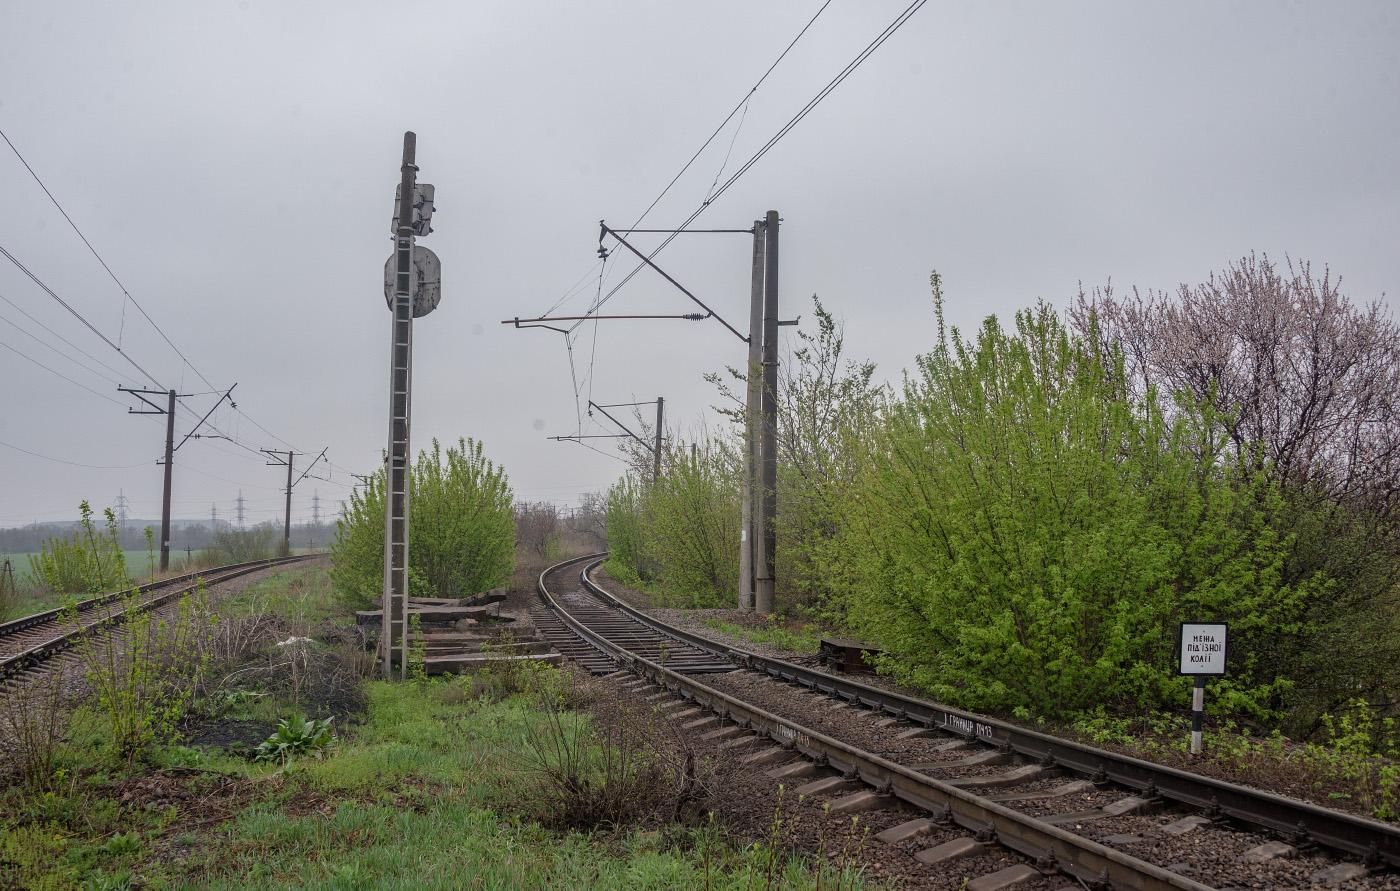 Блок-пост 10 км, початок промислових колій АрселорМіттал Кривий Ріг. Дніпропетровська область, Кривий Ріг